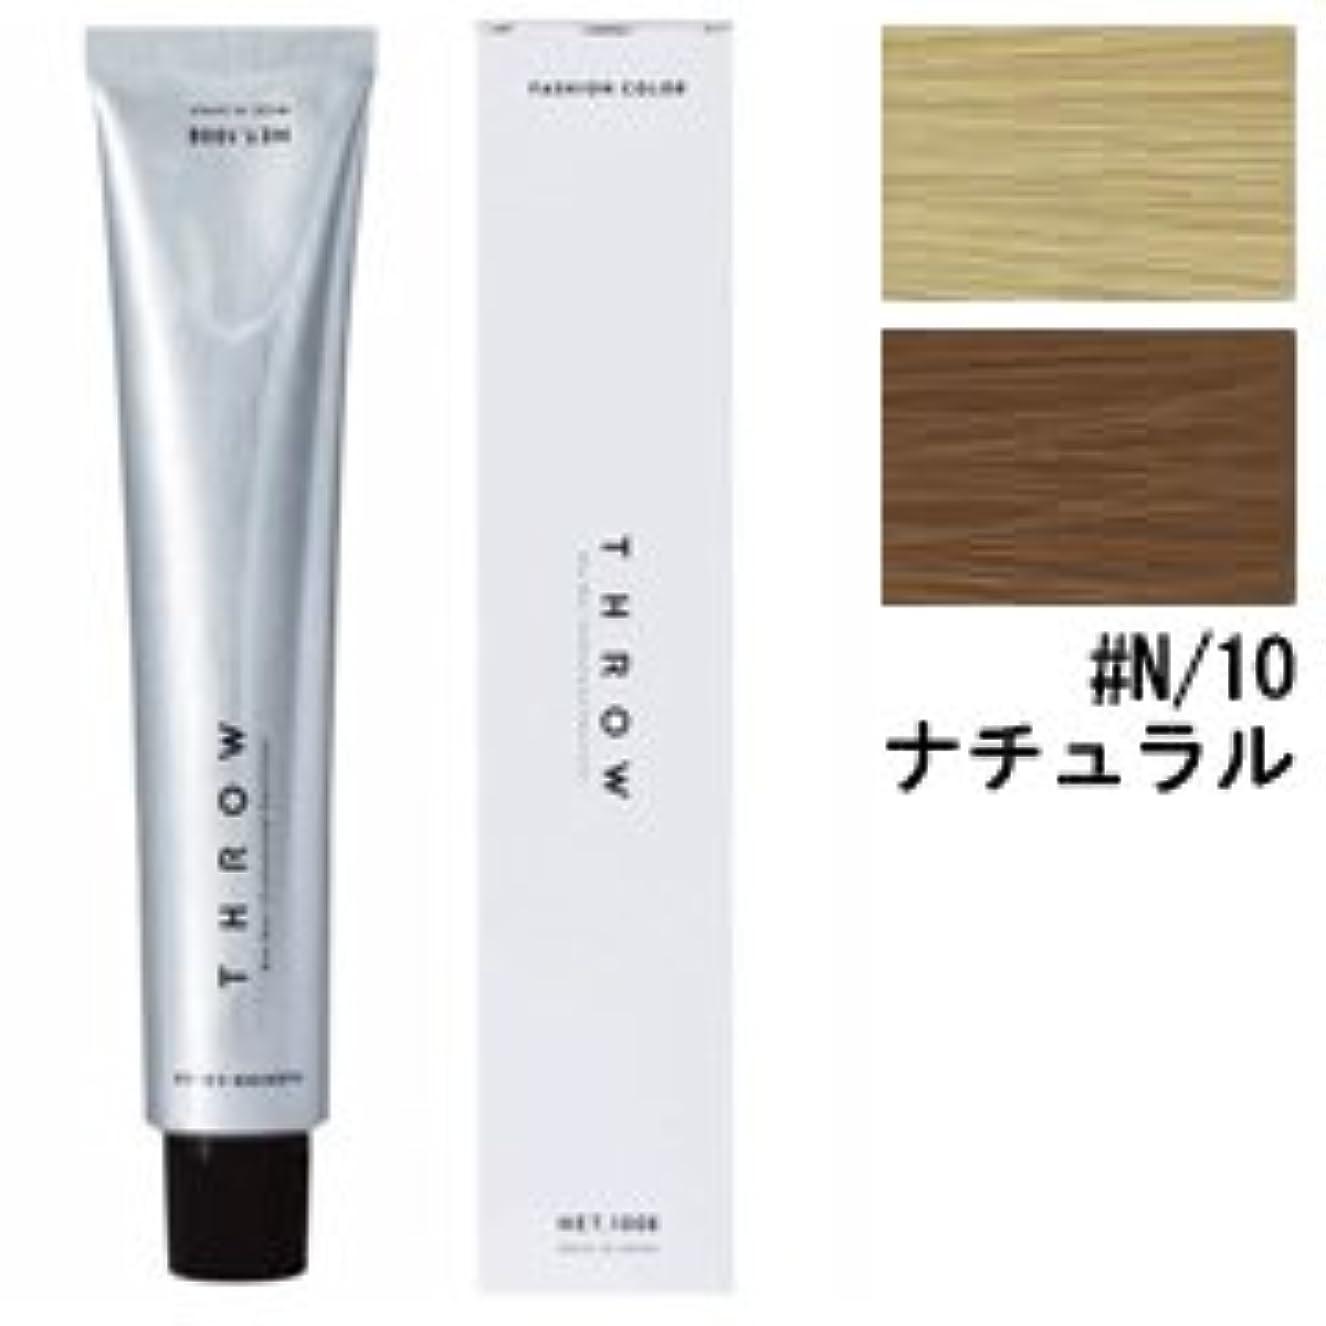 トン便利さ不当【モルトベーネ】スロウ ファッションカラー #N/10 ナチュラル 100g